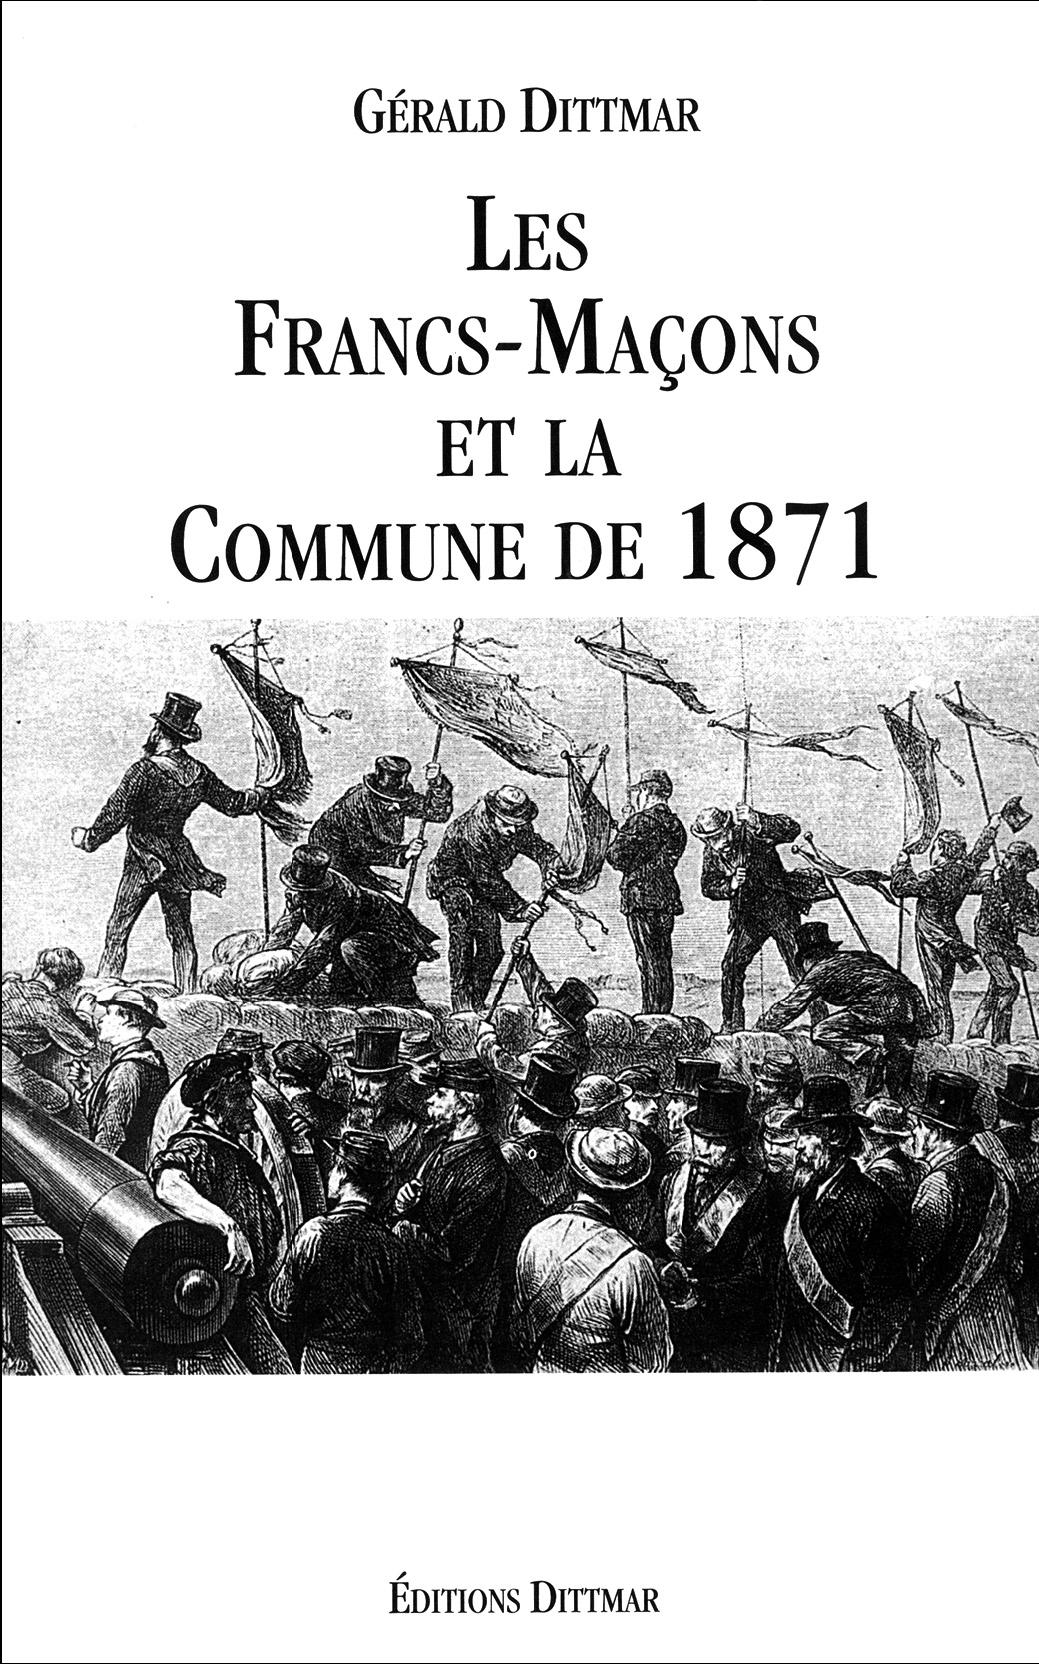 couverture du livre Les Francs-Maçons et la Commune de Paris